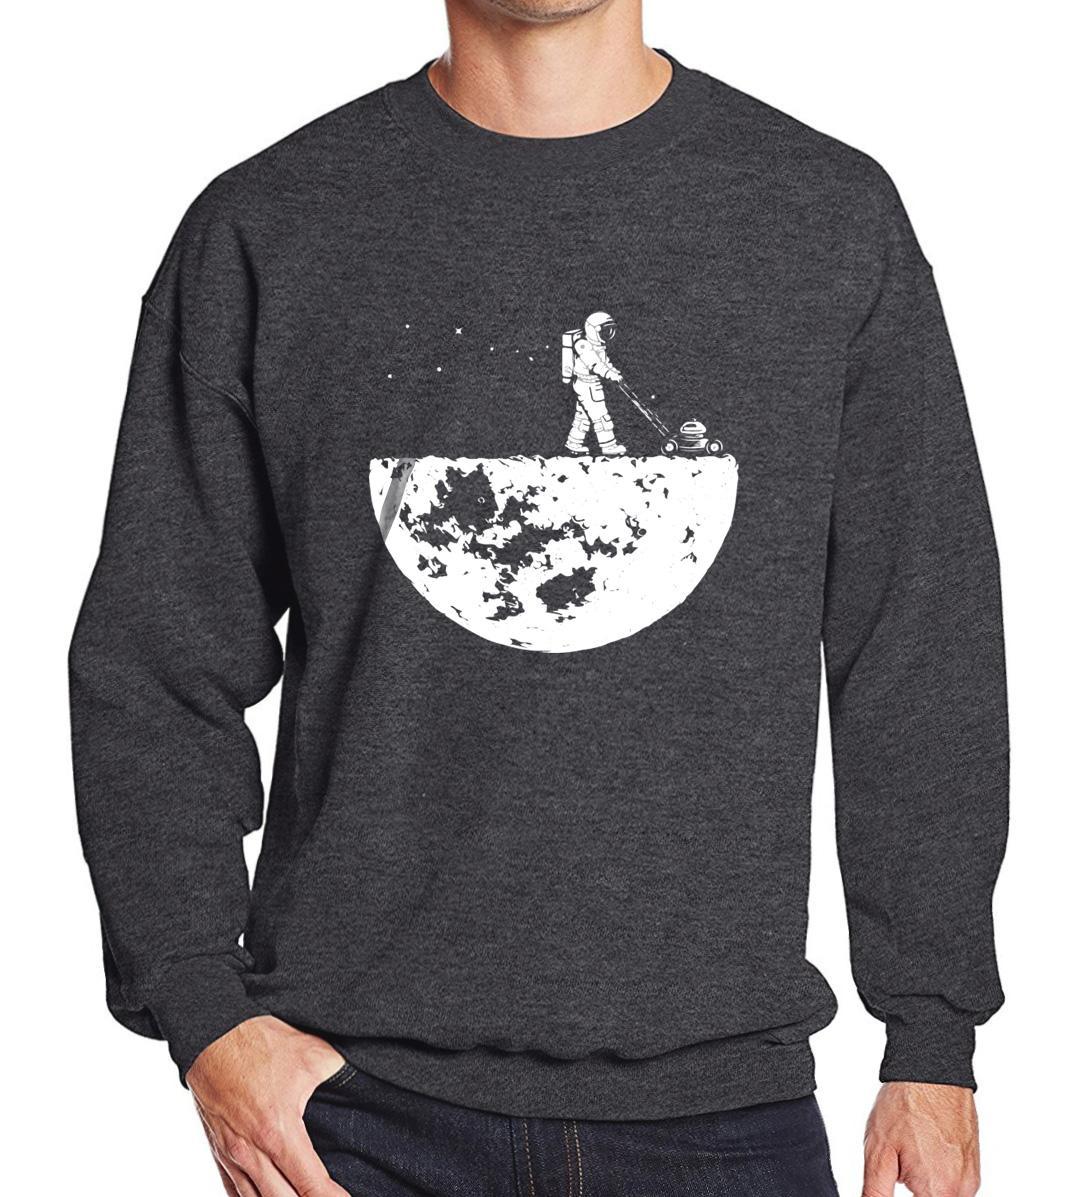 Felpe da uomo in vendita calda Autunno Inverno Stampa in pile Sviluppo The Moon Fashion Abbigliamento sportivo per uomo Felpa con cappuccio Felpe con cappuccio Harajuku